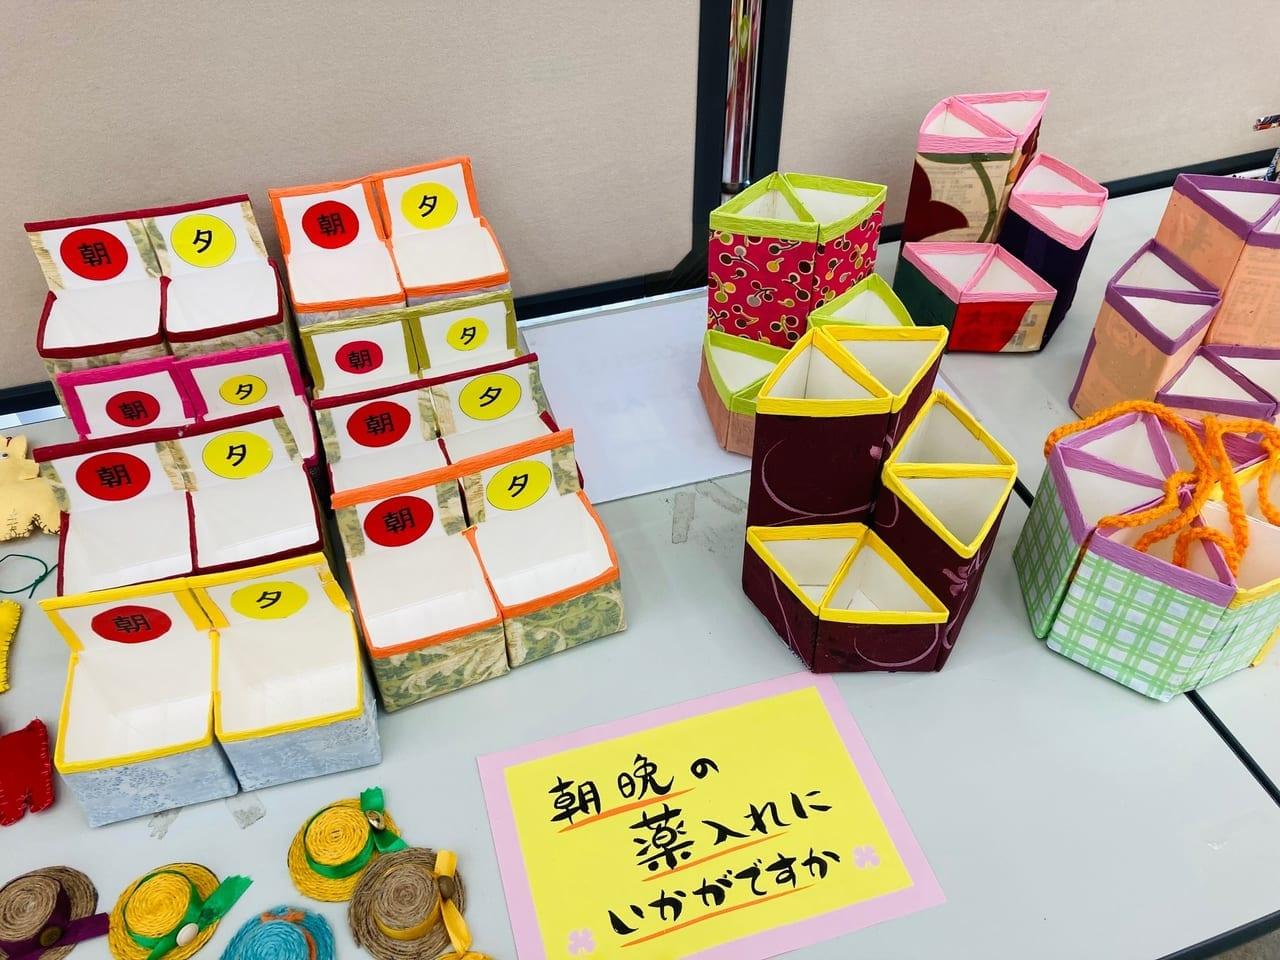 百五銀行嬉野支店に展示されている手作りの薬ケース